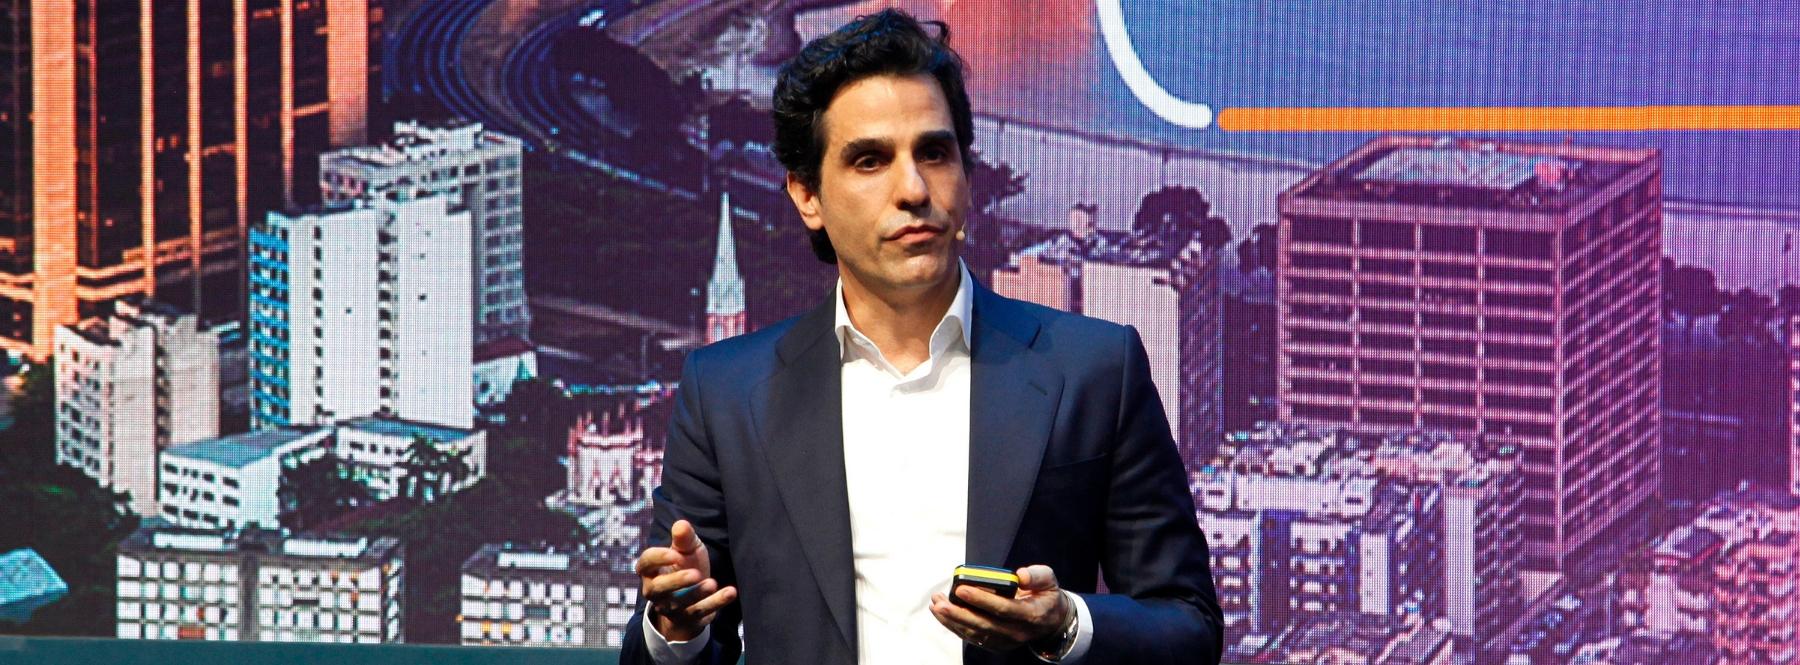 Aura, líder en Brasil con más de 20 millones de interacciones desde su lanzamiento